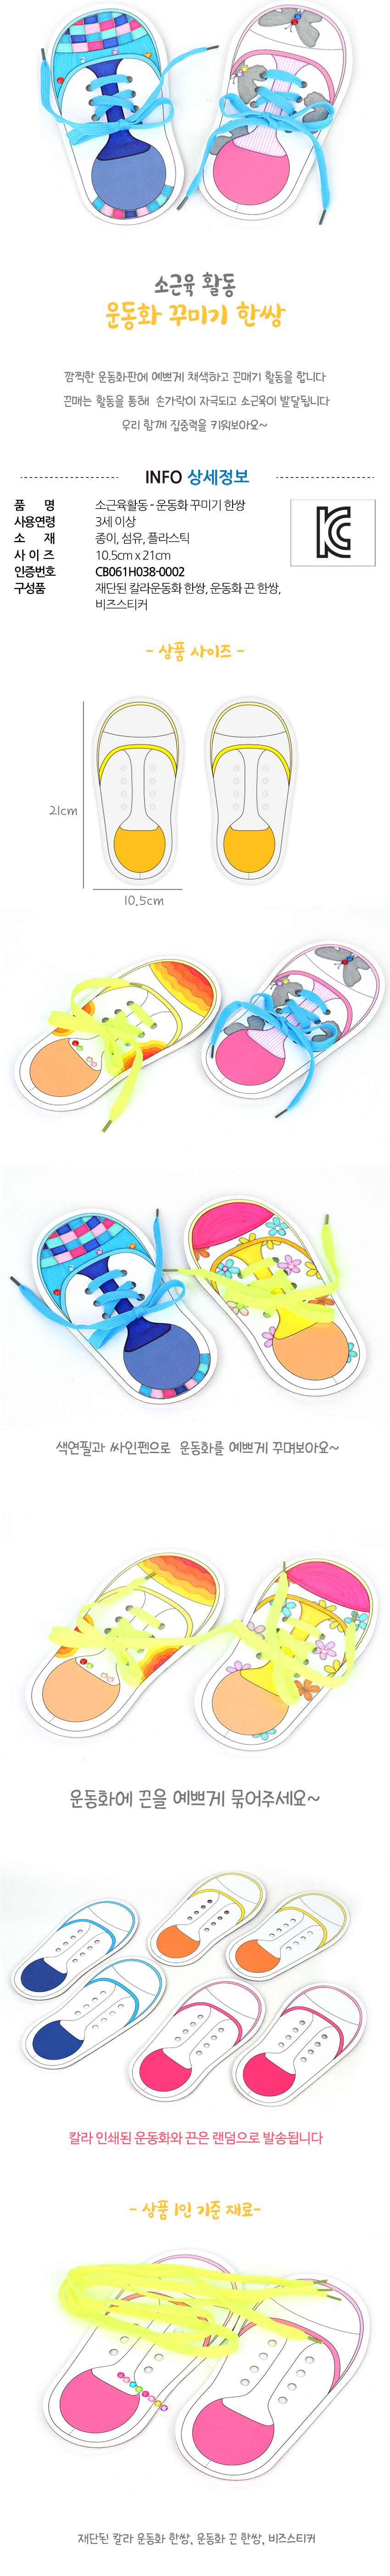 소근육 활동- 운동화 꾸미기 한쌍 5인용 - 미술샘, 9,000원, 종이공예/북아트, 종이공예 패키지